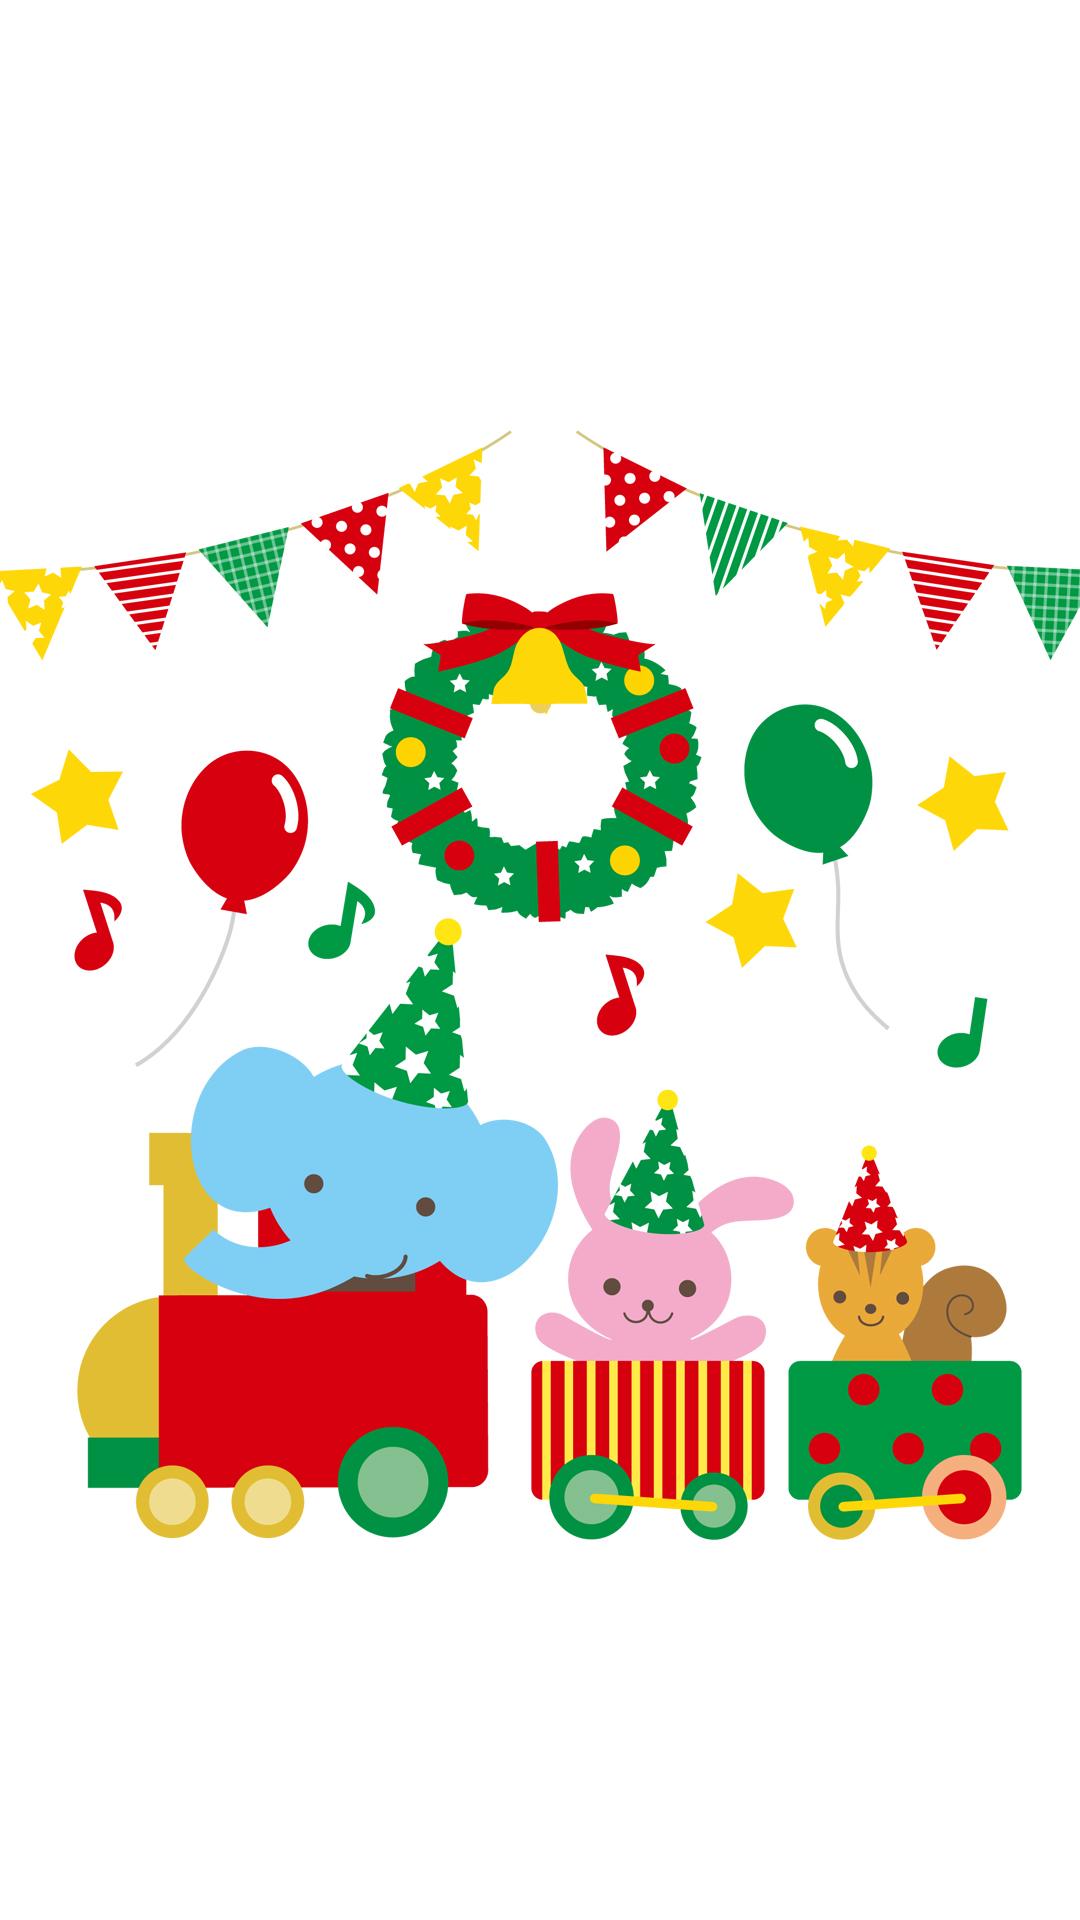 6f0d10923b スマホをクリスマスにしてくれる、iPhone/Android用の無料壁紙・待ち受け画像。自由にダウンロードして、ご利用ください。